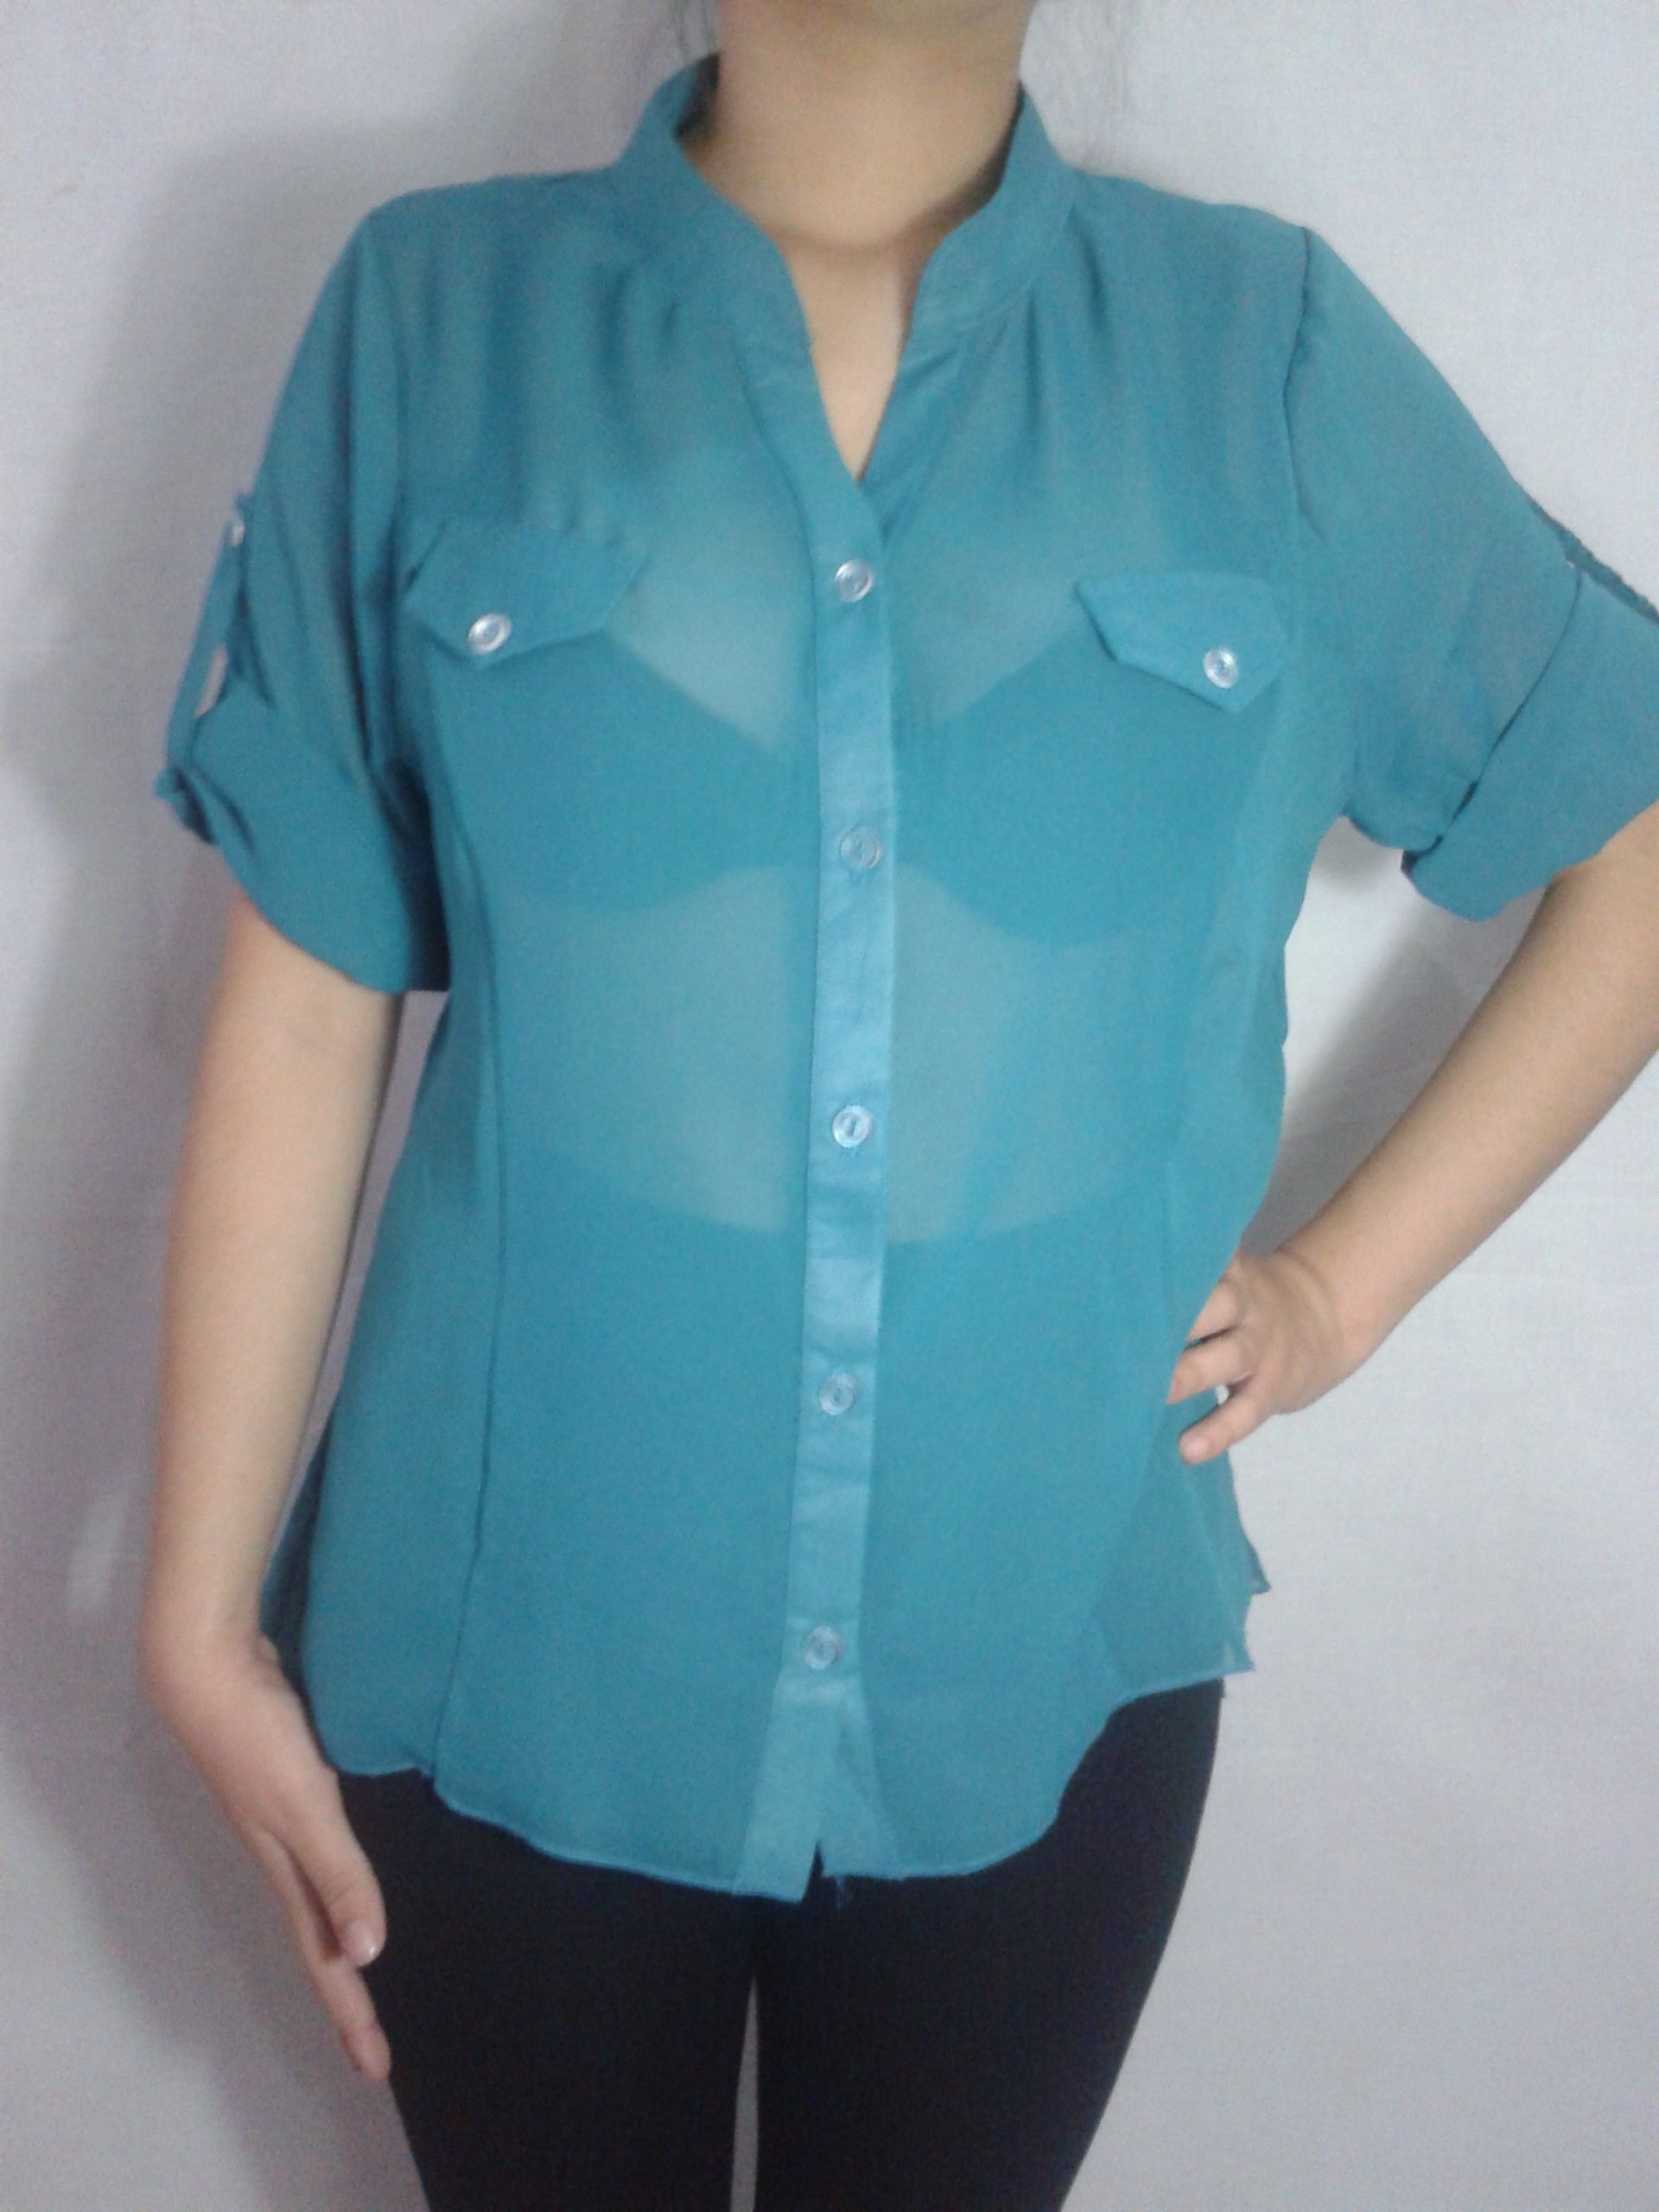 Una blusa semitransparente es ideal para una ocasion formal o informal. Animate a usarla.